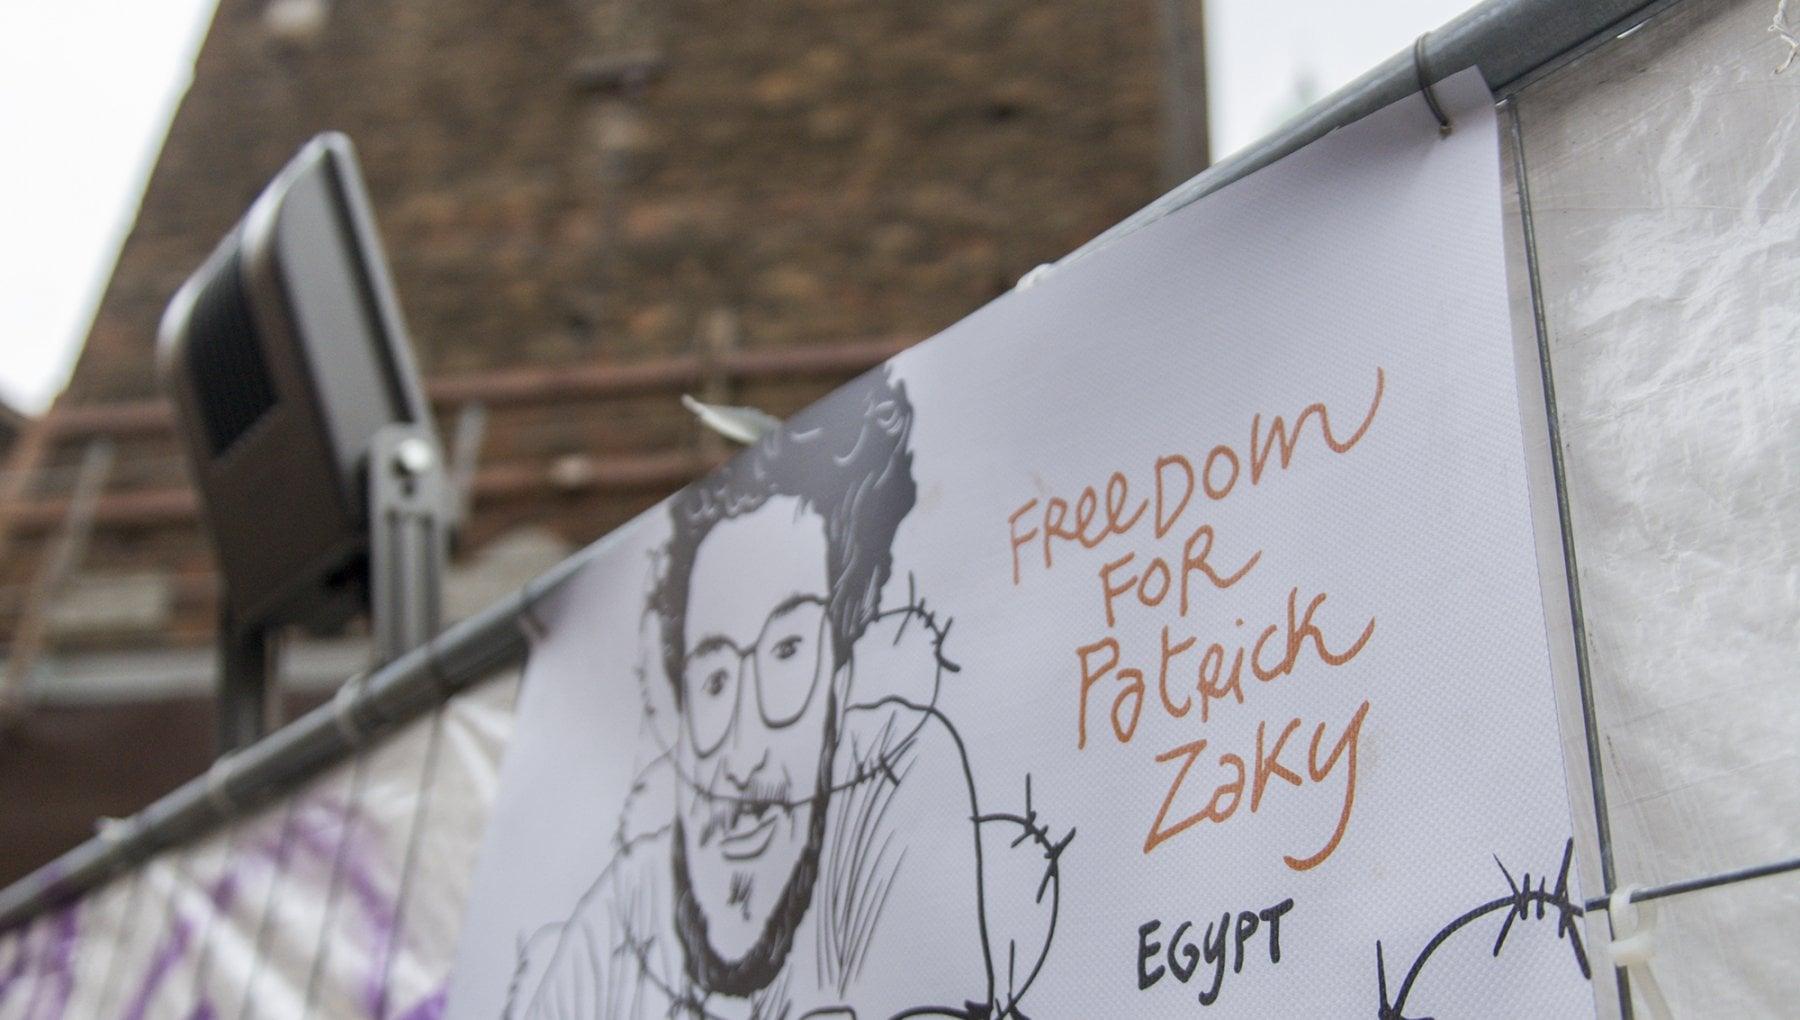 Patrick Zaki entusiasta e grato di essere cittadino onorario di Bologna